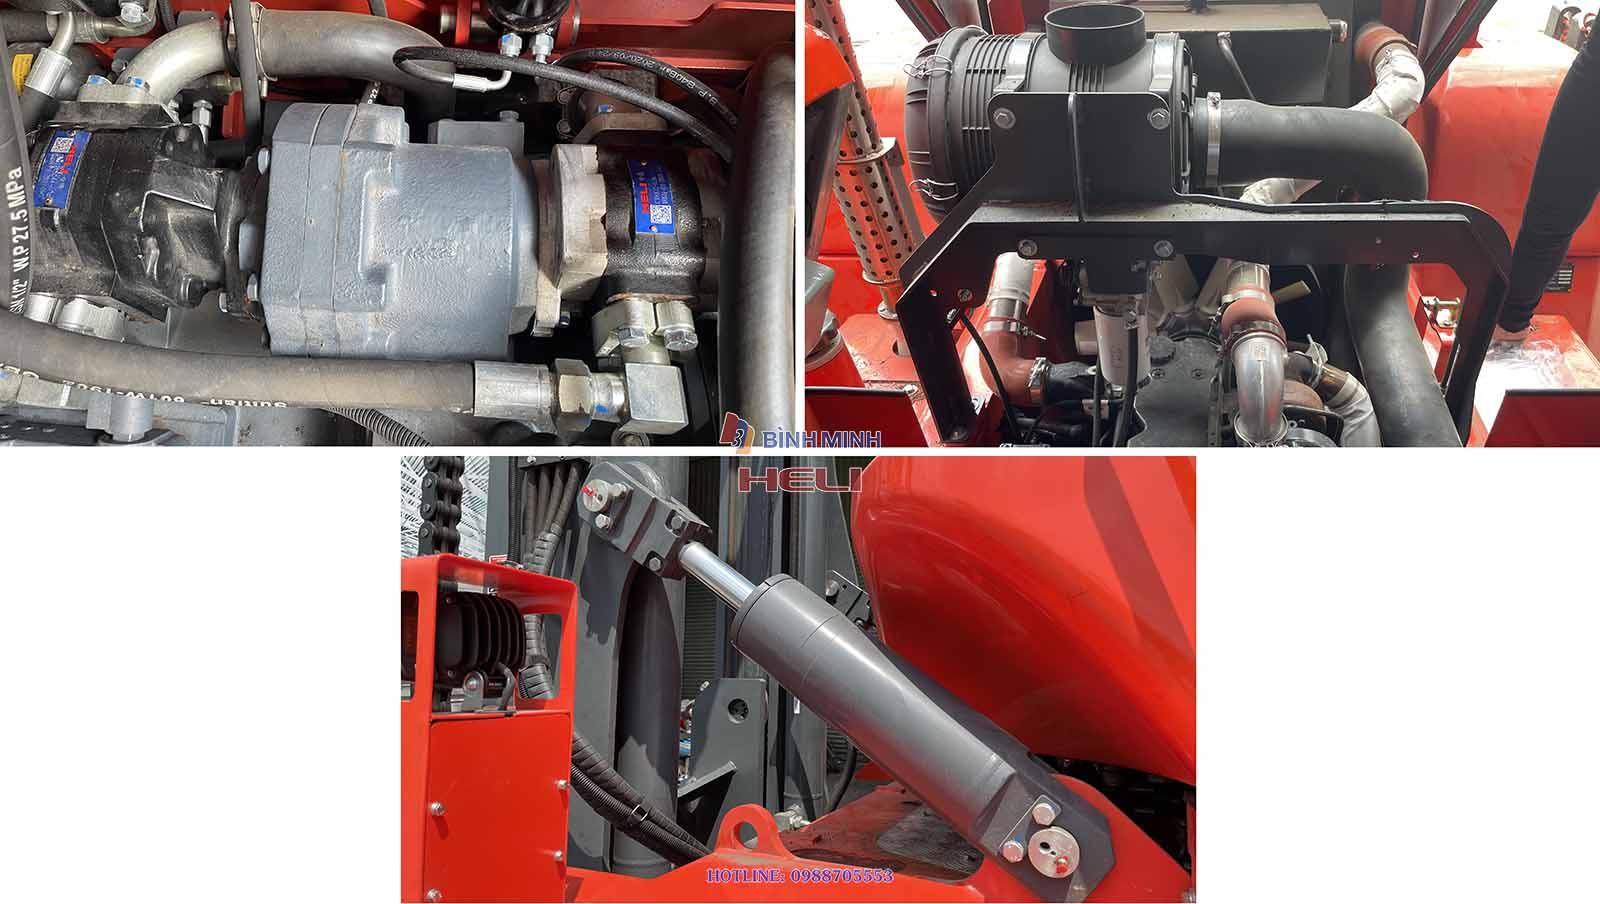 Bơm Thủy Lực Turbo Tăng áp Của Heli